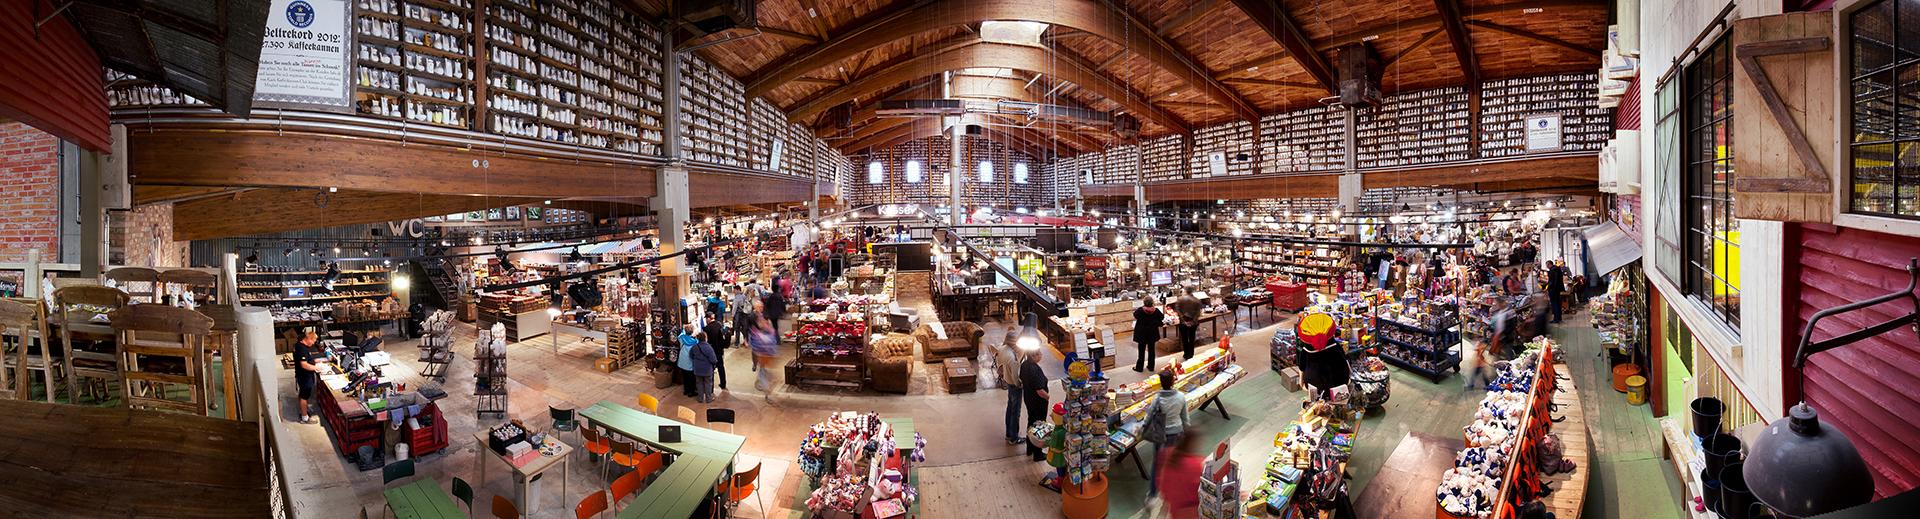 Bauernmarkt Zirkow